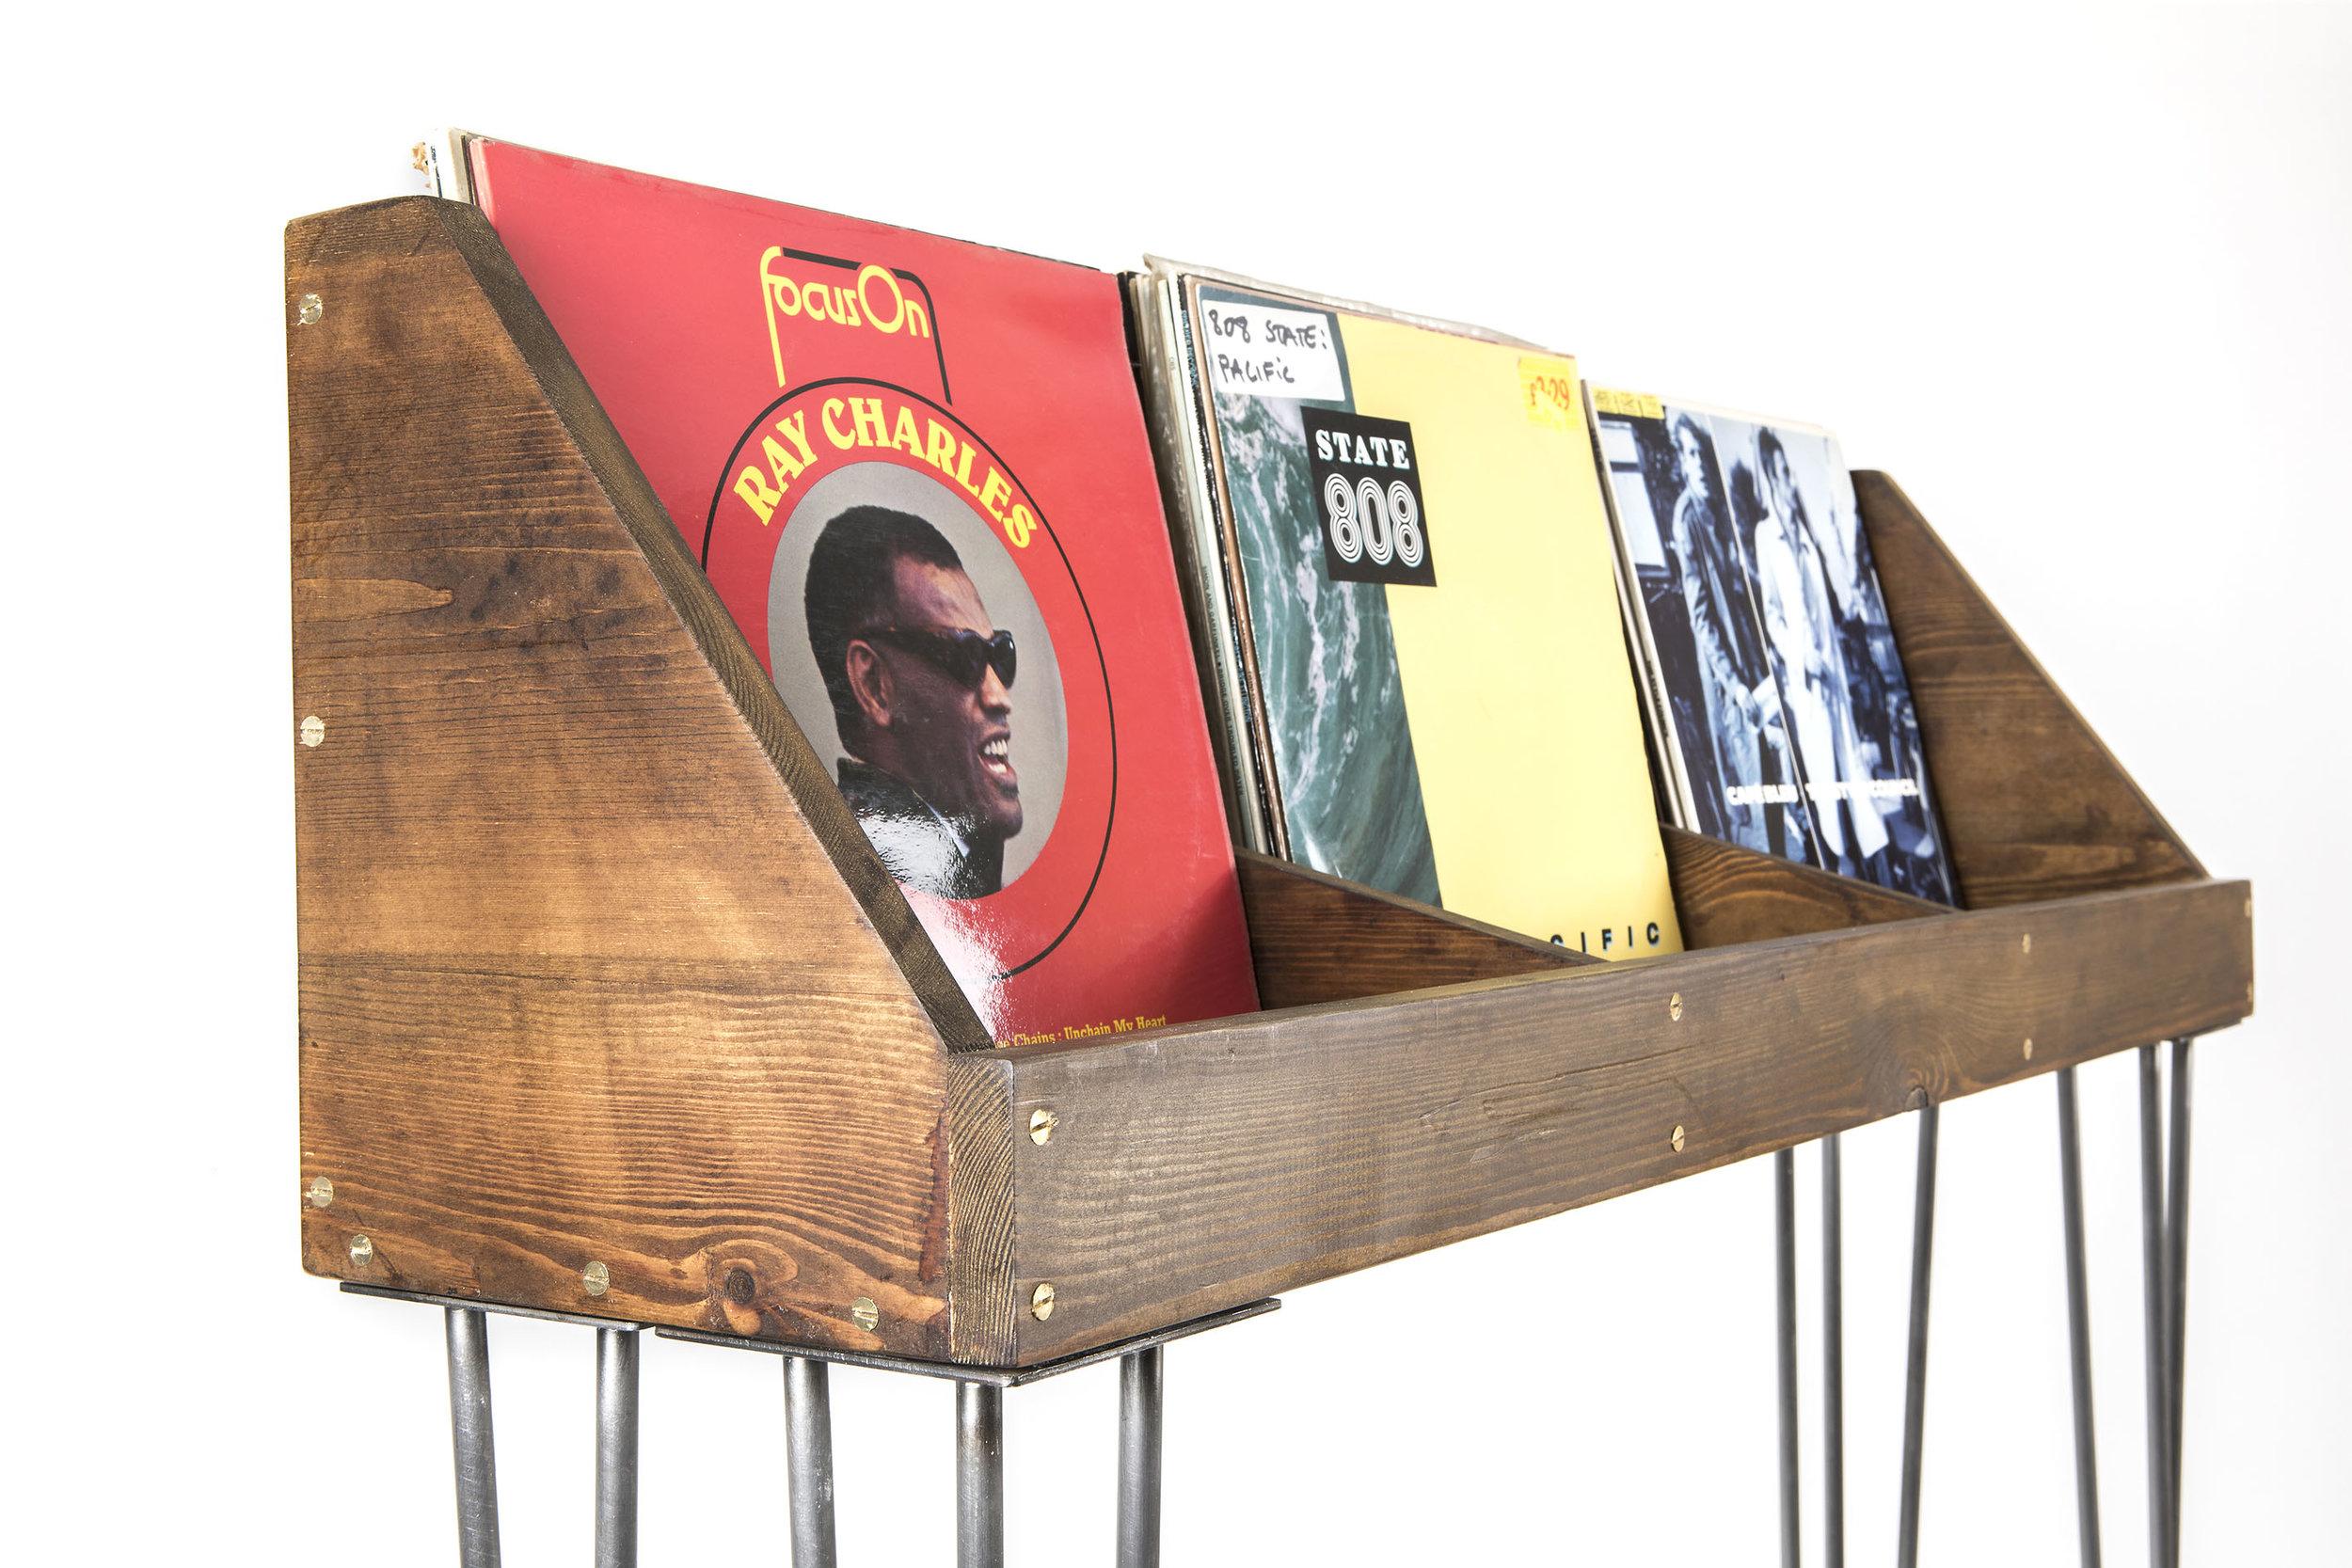 Vinyl storage side view